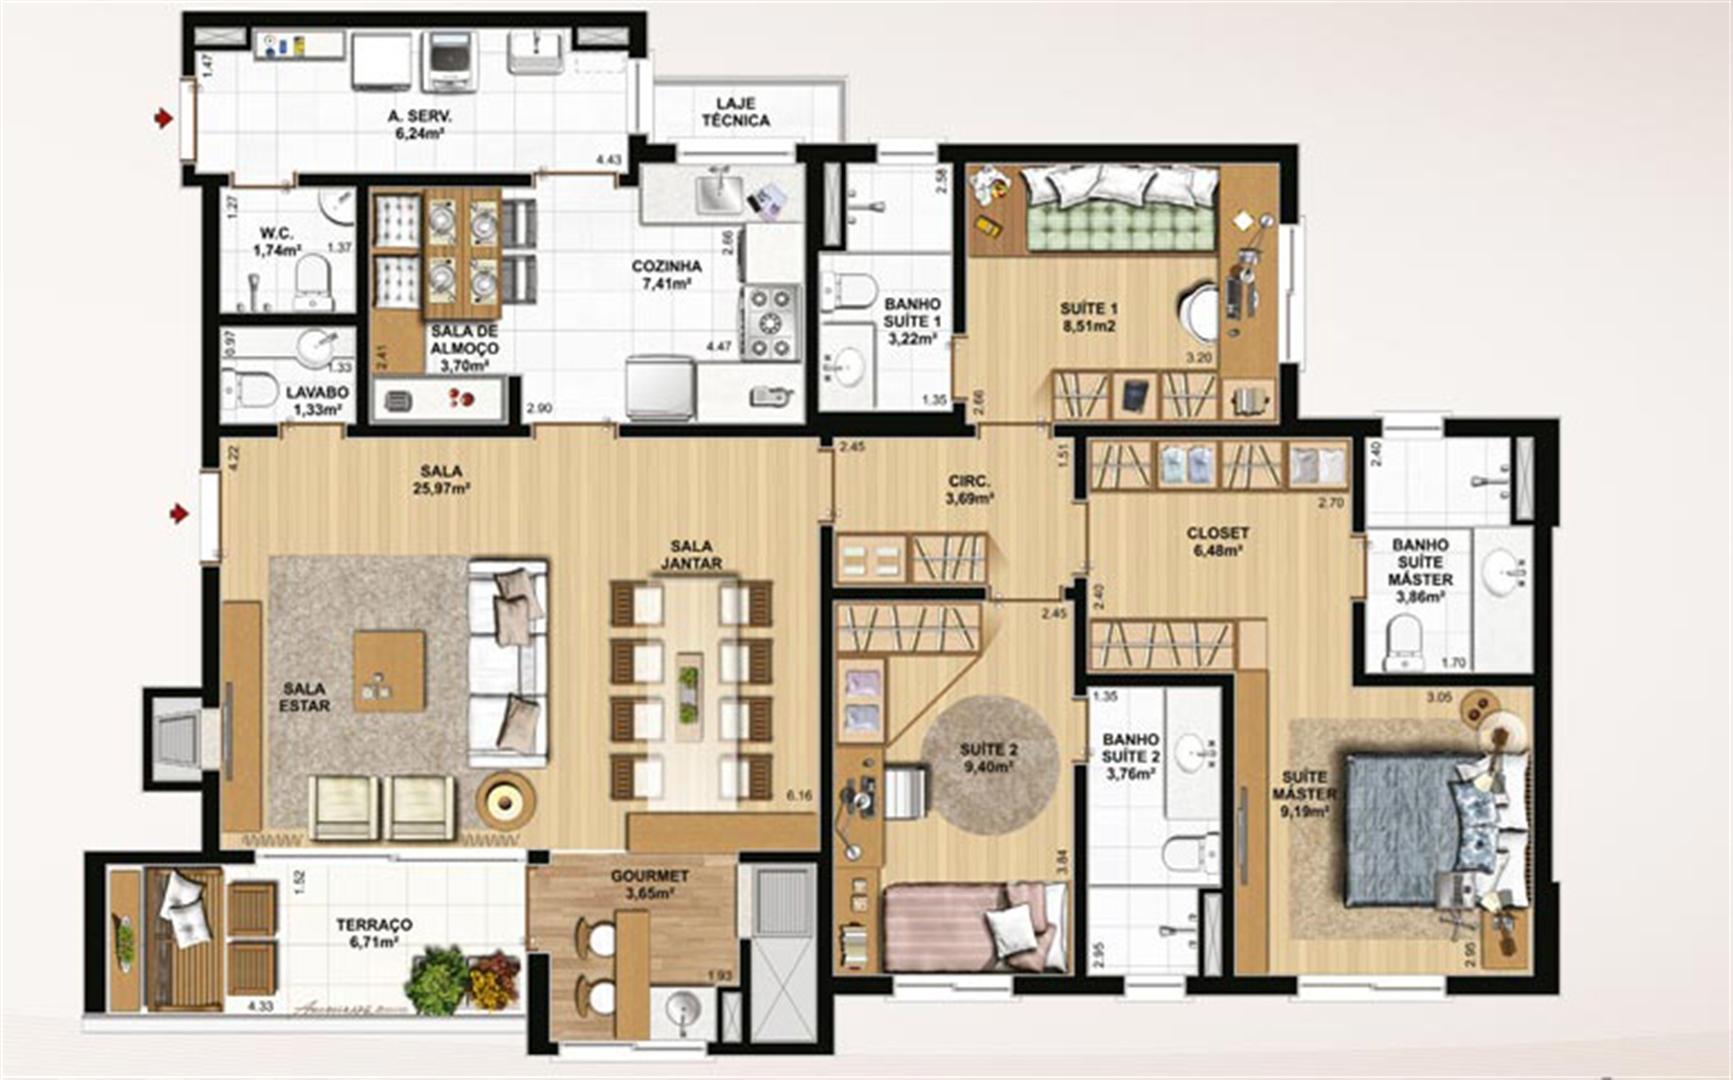 129 m² privativos, 3 suítes e sala de almoço | Le Jardin Residencial – Apartamento no  Água Verde - Curitiba - Paraná